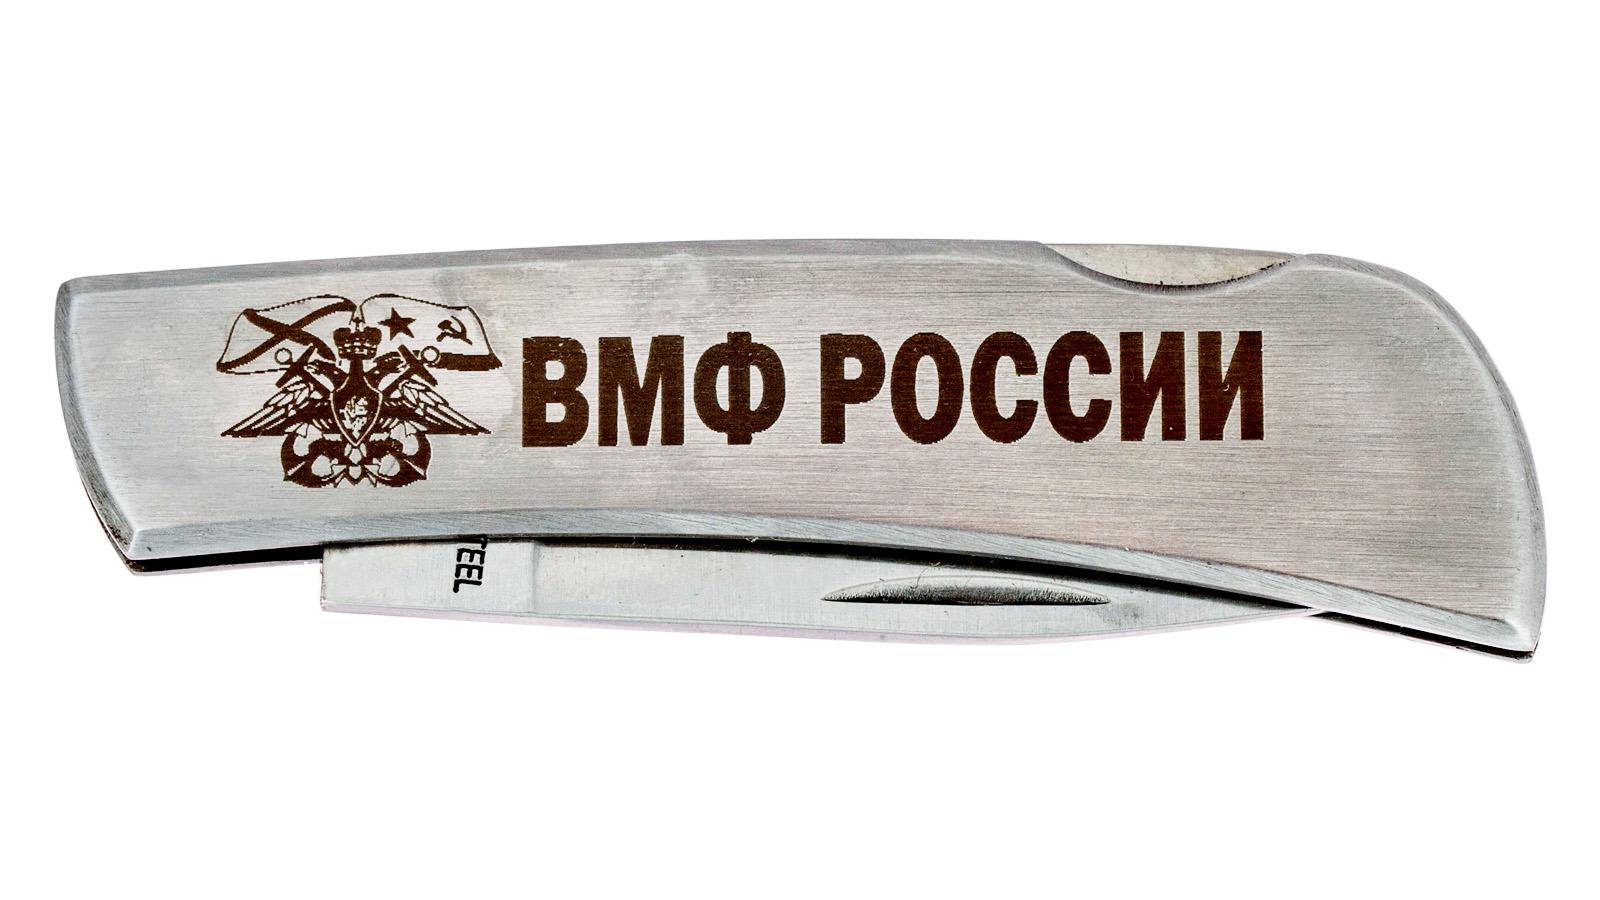 Складной нож моряка ВМФ России с гравировкой